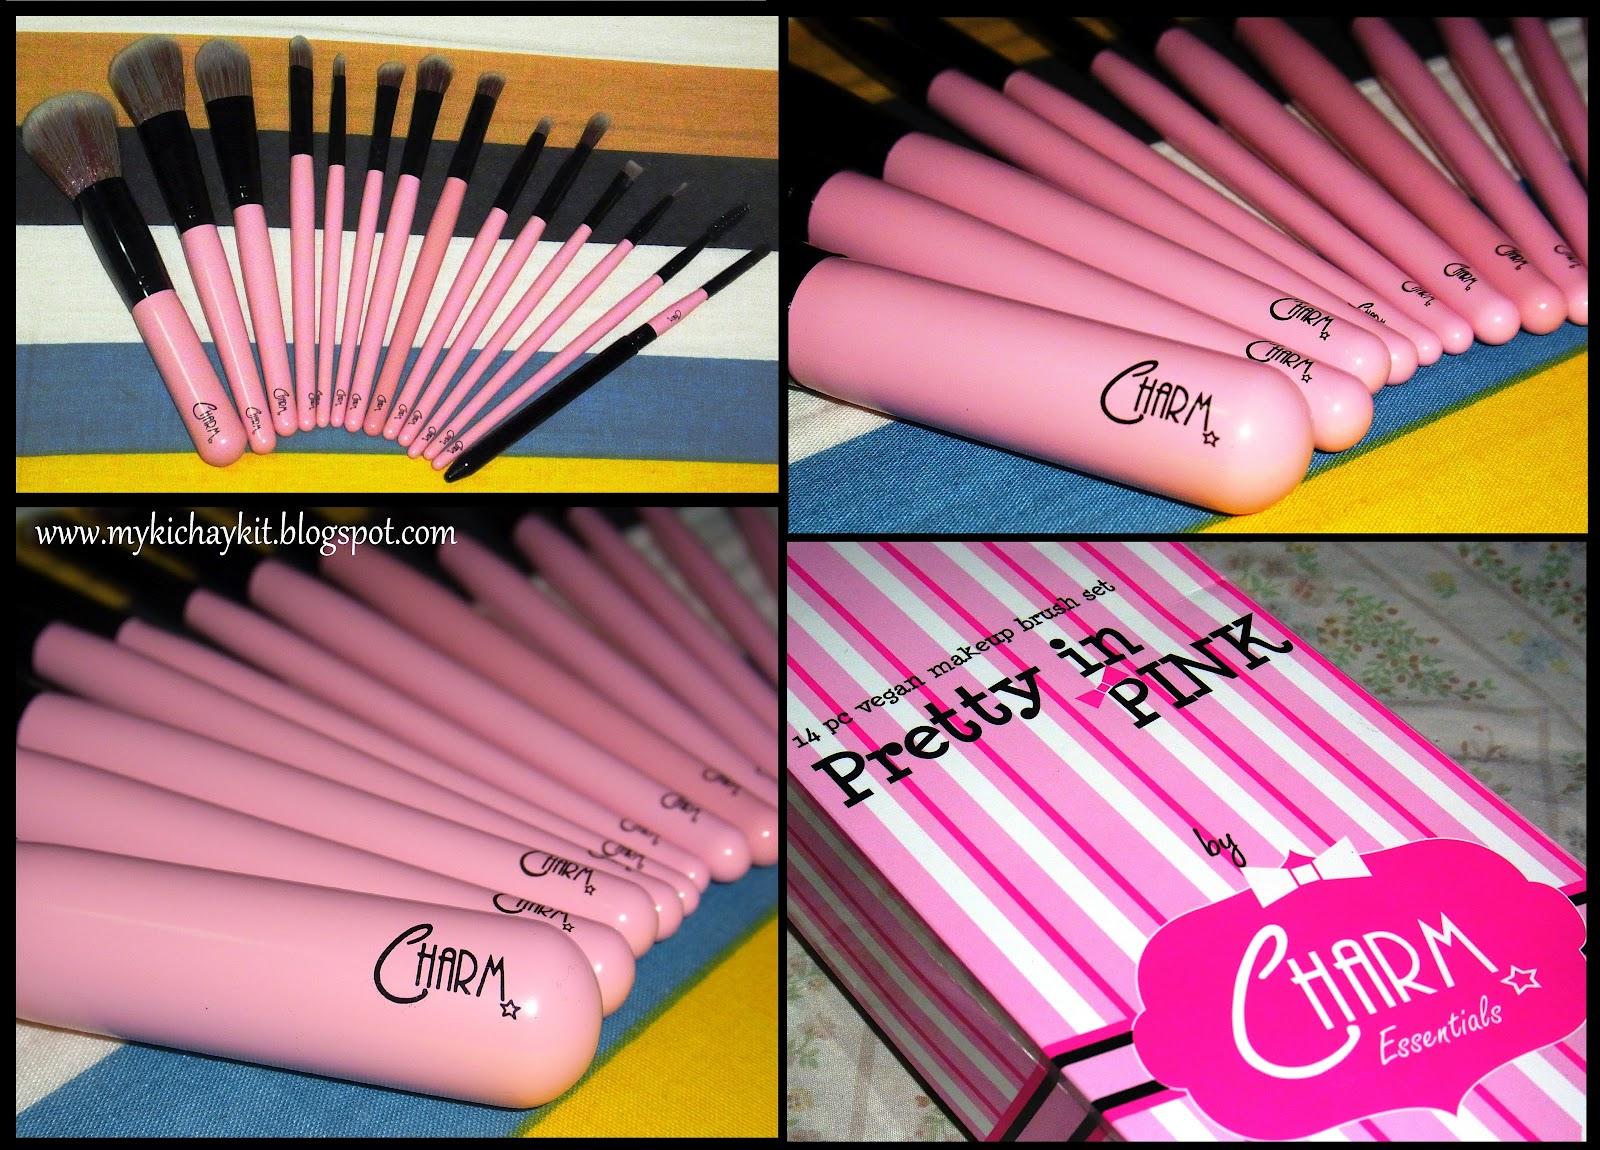 http://4.bp.blogspot.com/-4m2ujfzEu48/T00_I1UZ3MI/AAAAAAAAB6M/2RHDJXJVQUM/s1600/charm+pretty+in+pink+vegan+brush+set.jpg